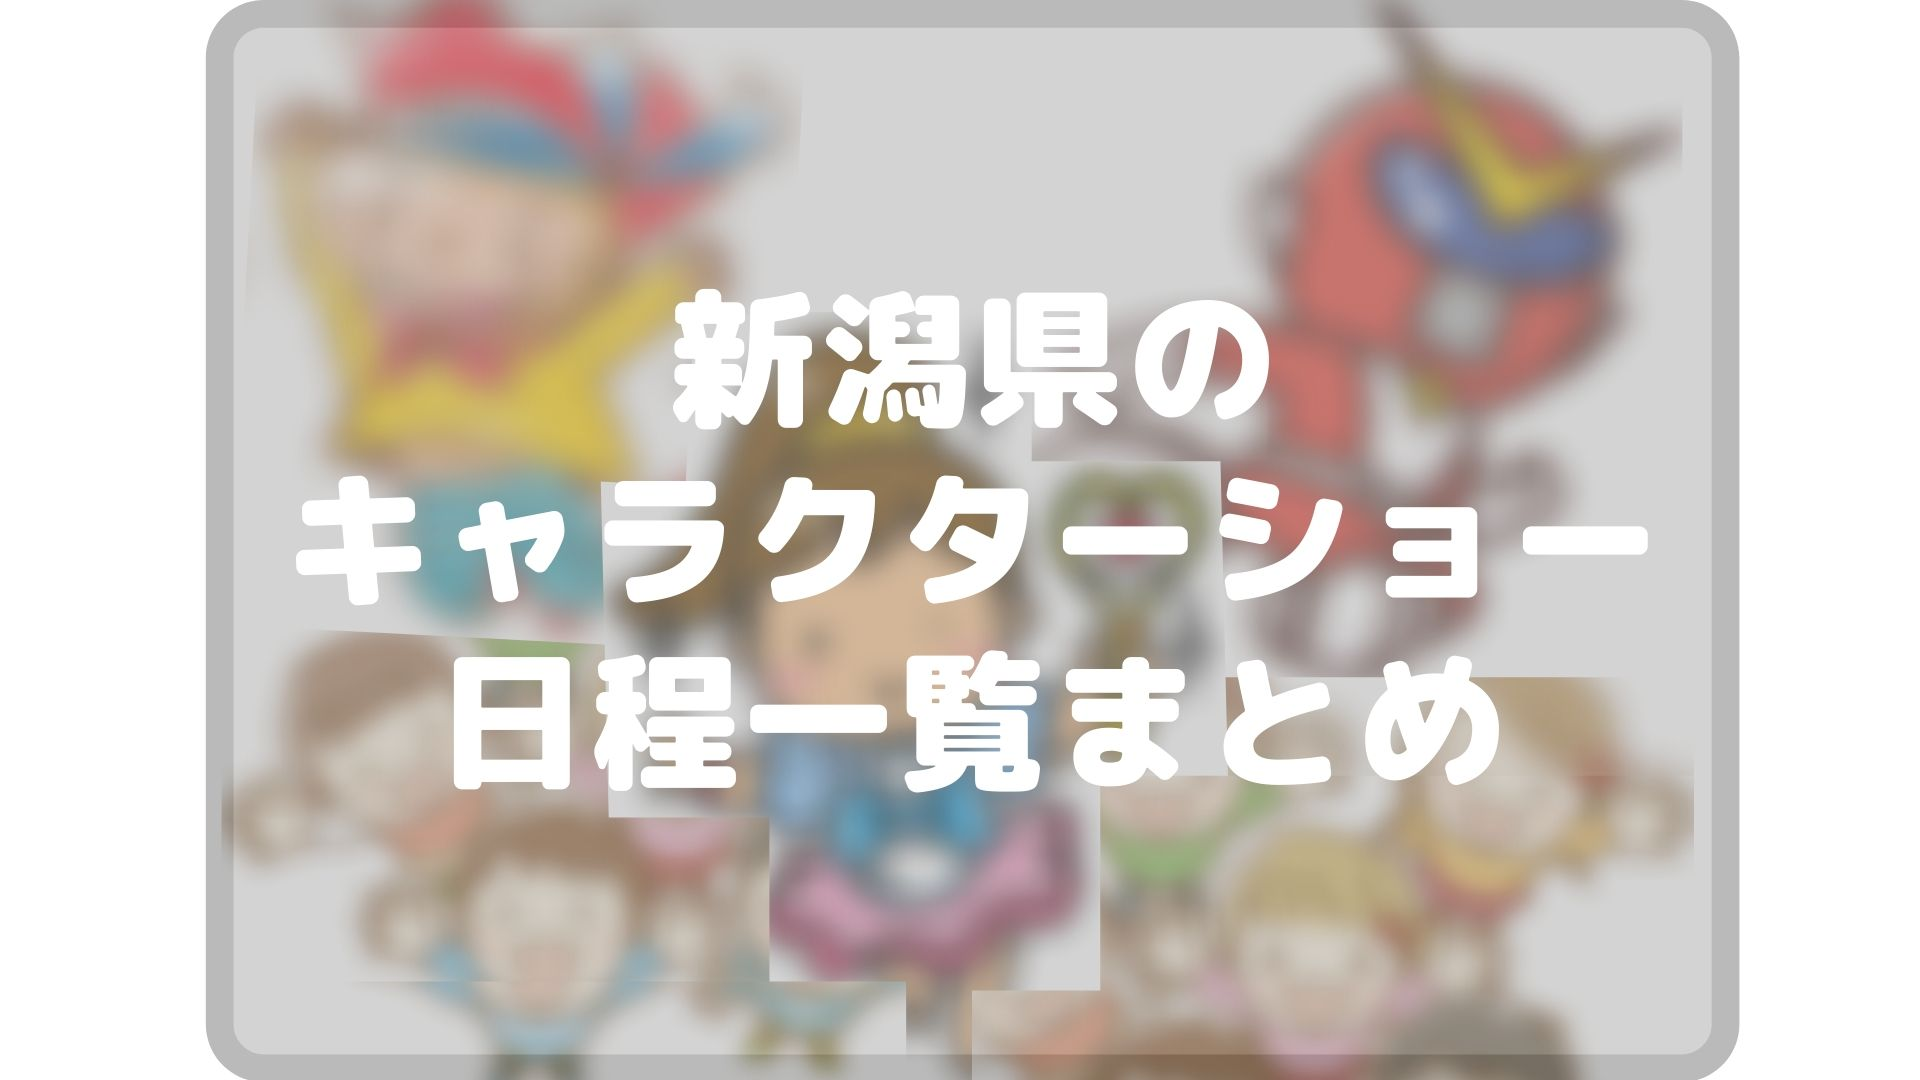 新潟県のキャラクターショーまとめタイトル画像